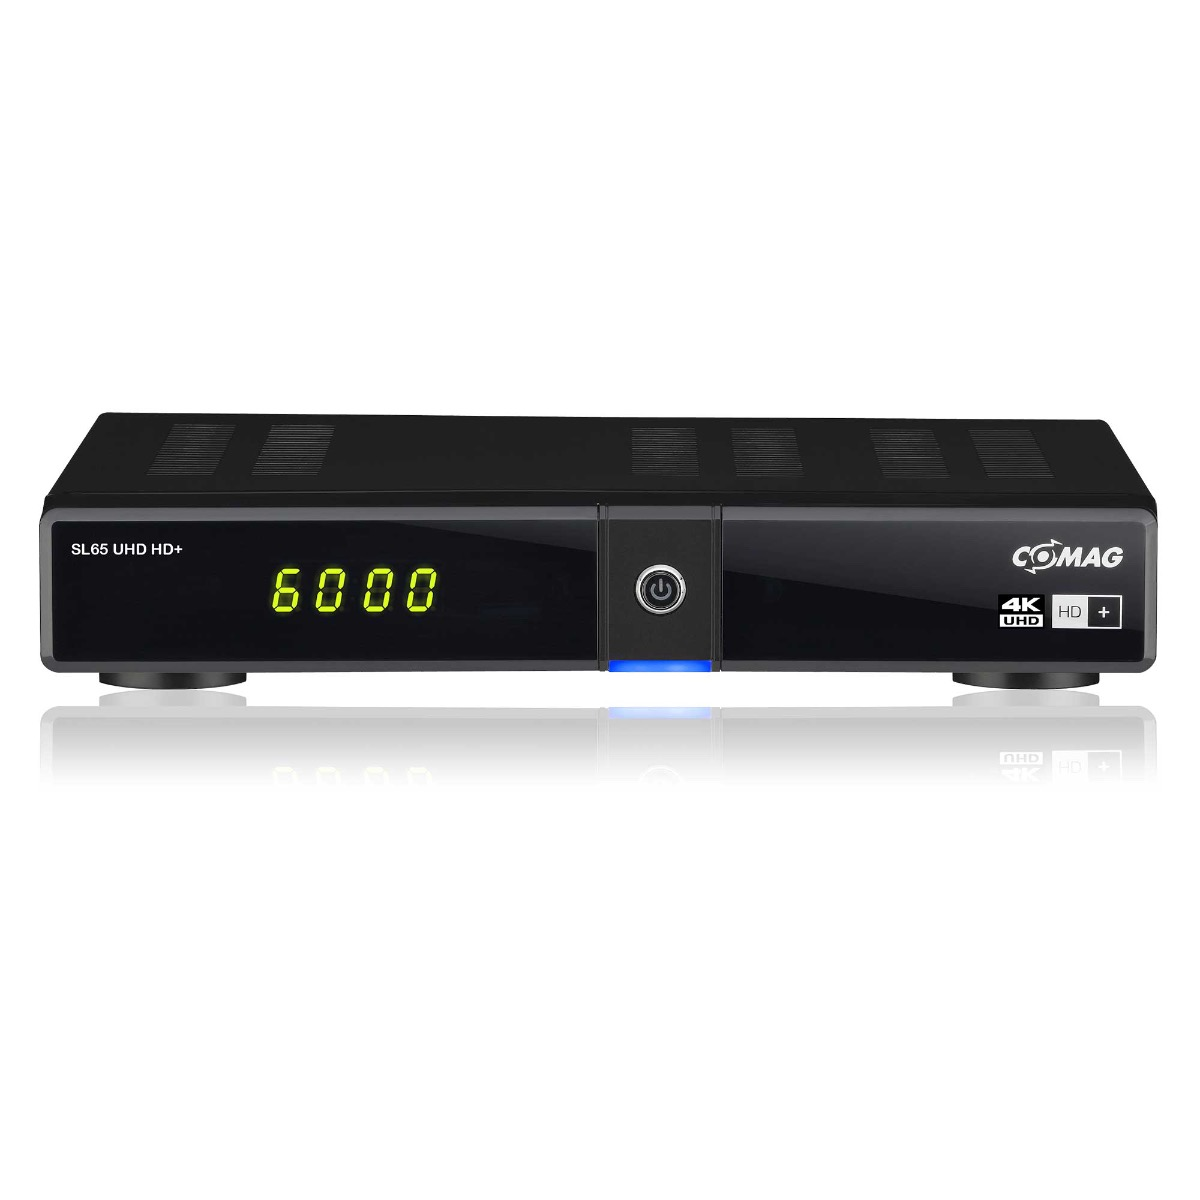 Comag SL65 UHD HD+